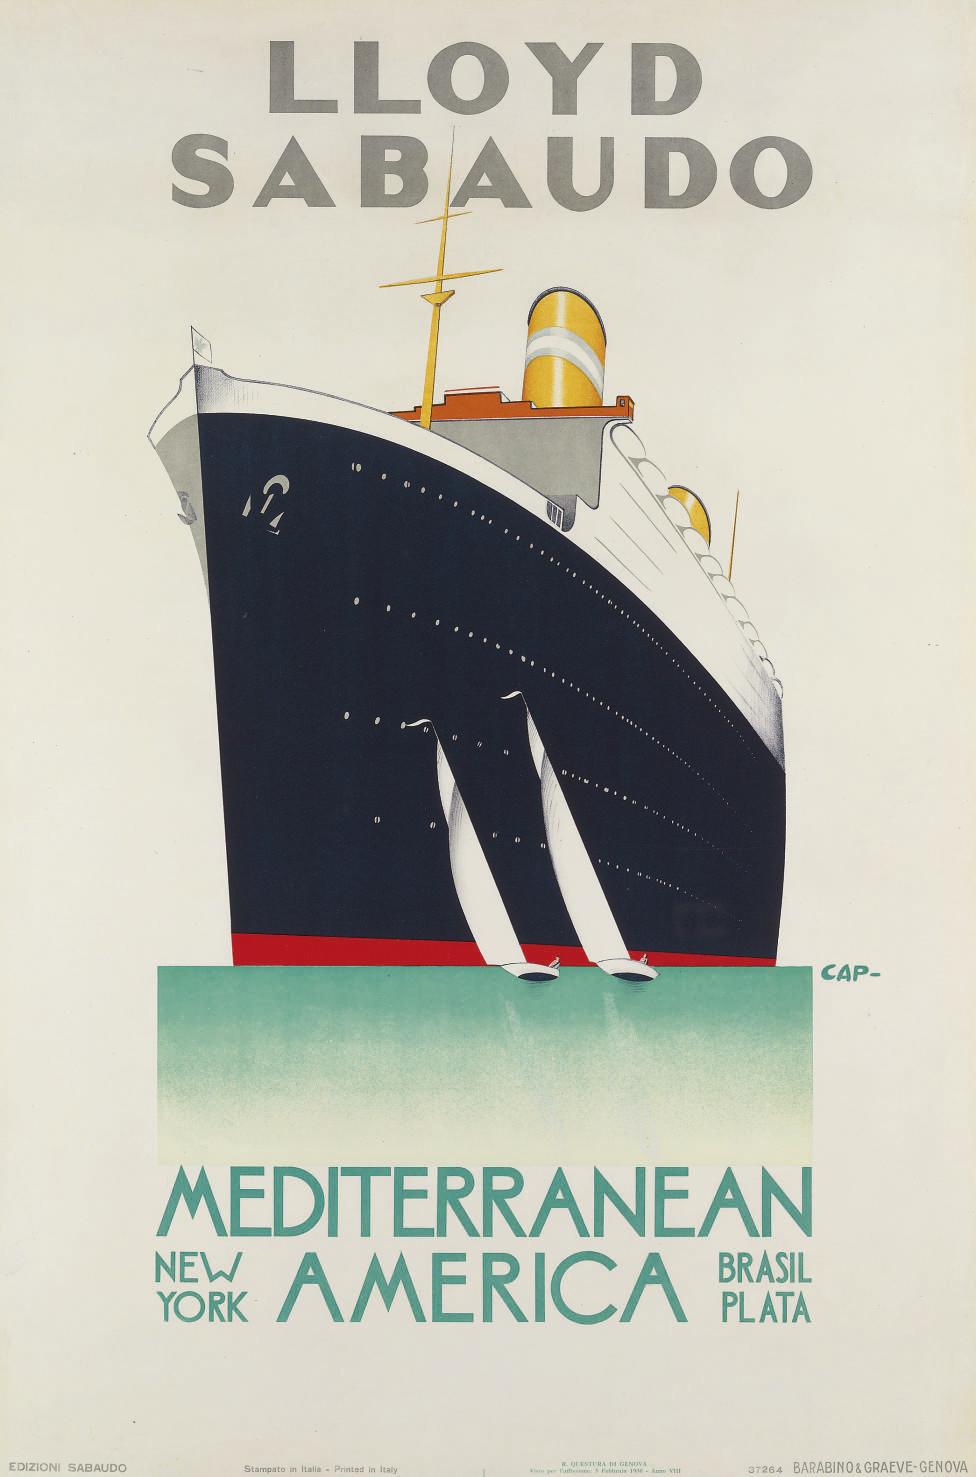 Cap, 20th Century